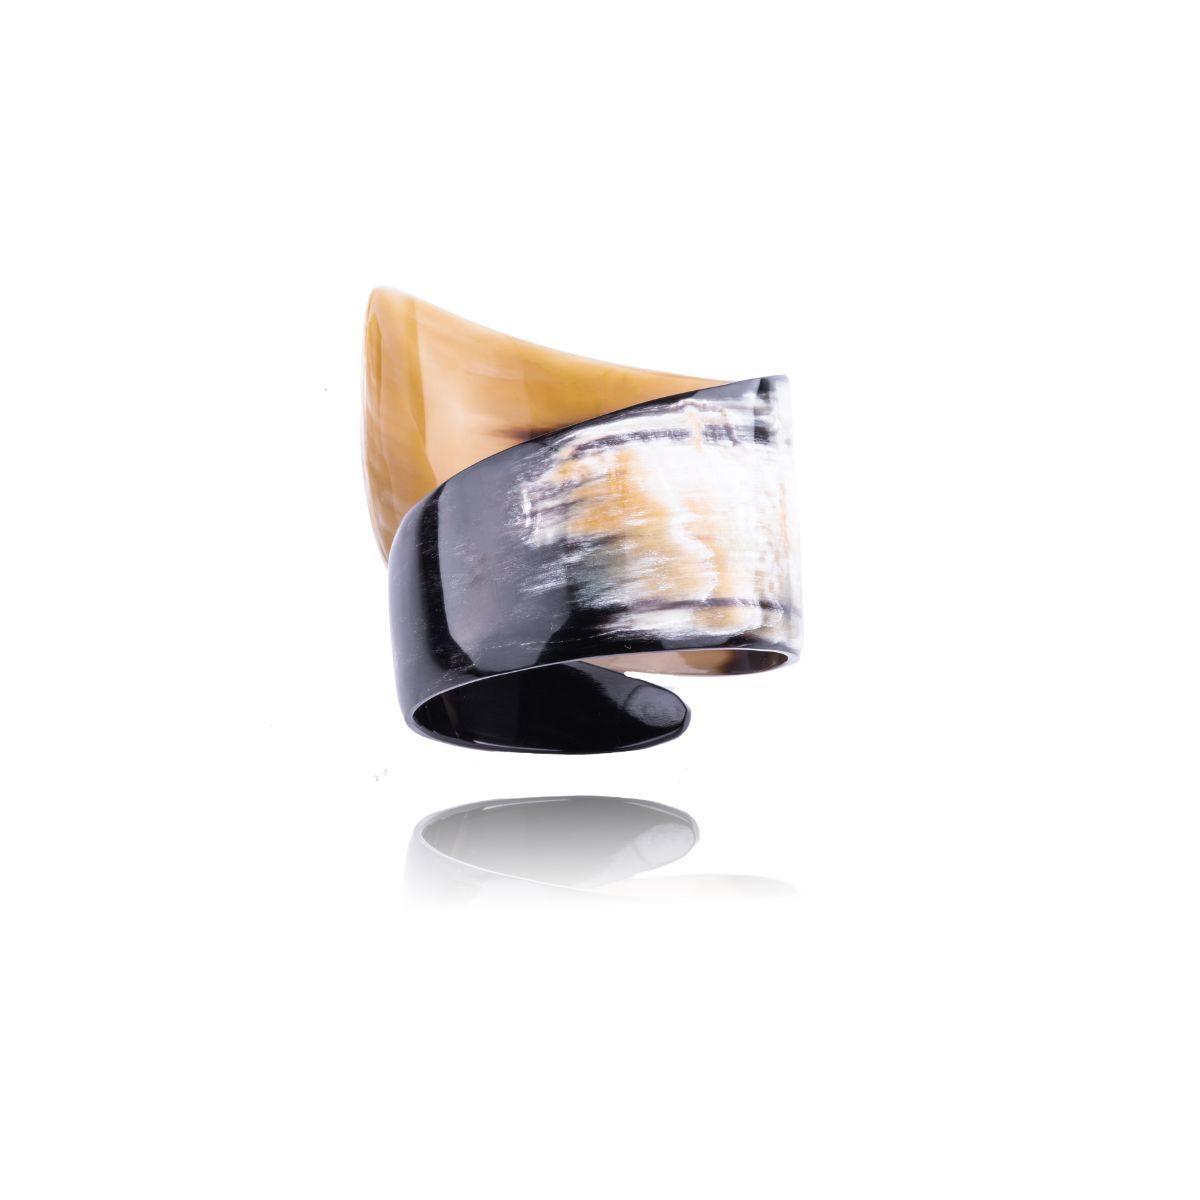 Nefertiti brazalete de asta natural en forma de tirabuzón. Cada pieza tiene unos matices diferentes del negro al blanco, pasando por tonos tierra